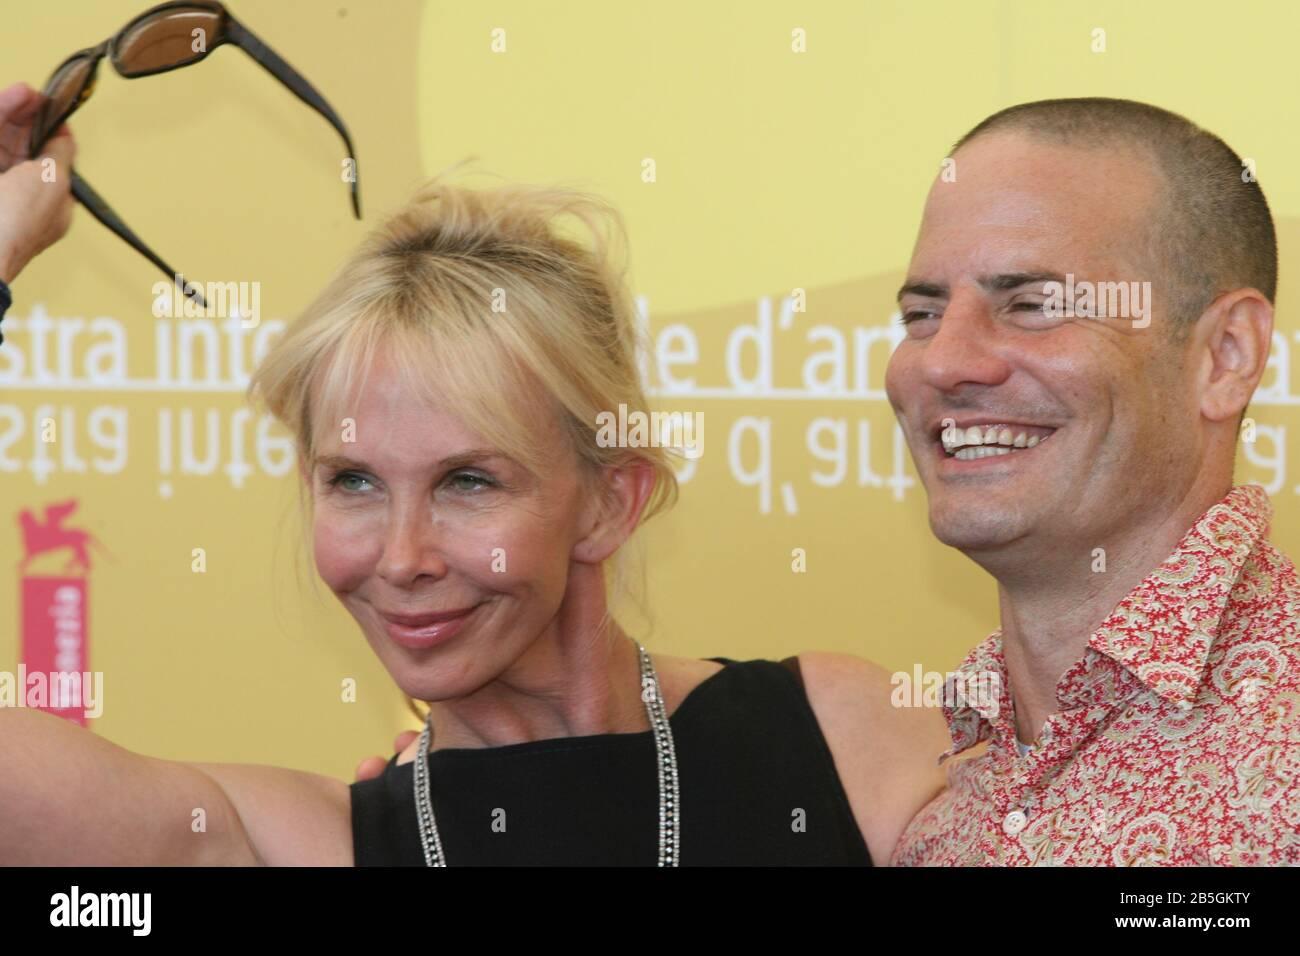 """Venedig, 03/09/2006. 63. Venedig Film Festival. Trudie Styler und Dito Montiel nehmen an der Fotocall für den Film """"A Guide to Erkannte deine Heiligen"""" Stockfoto"""